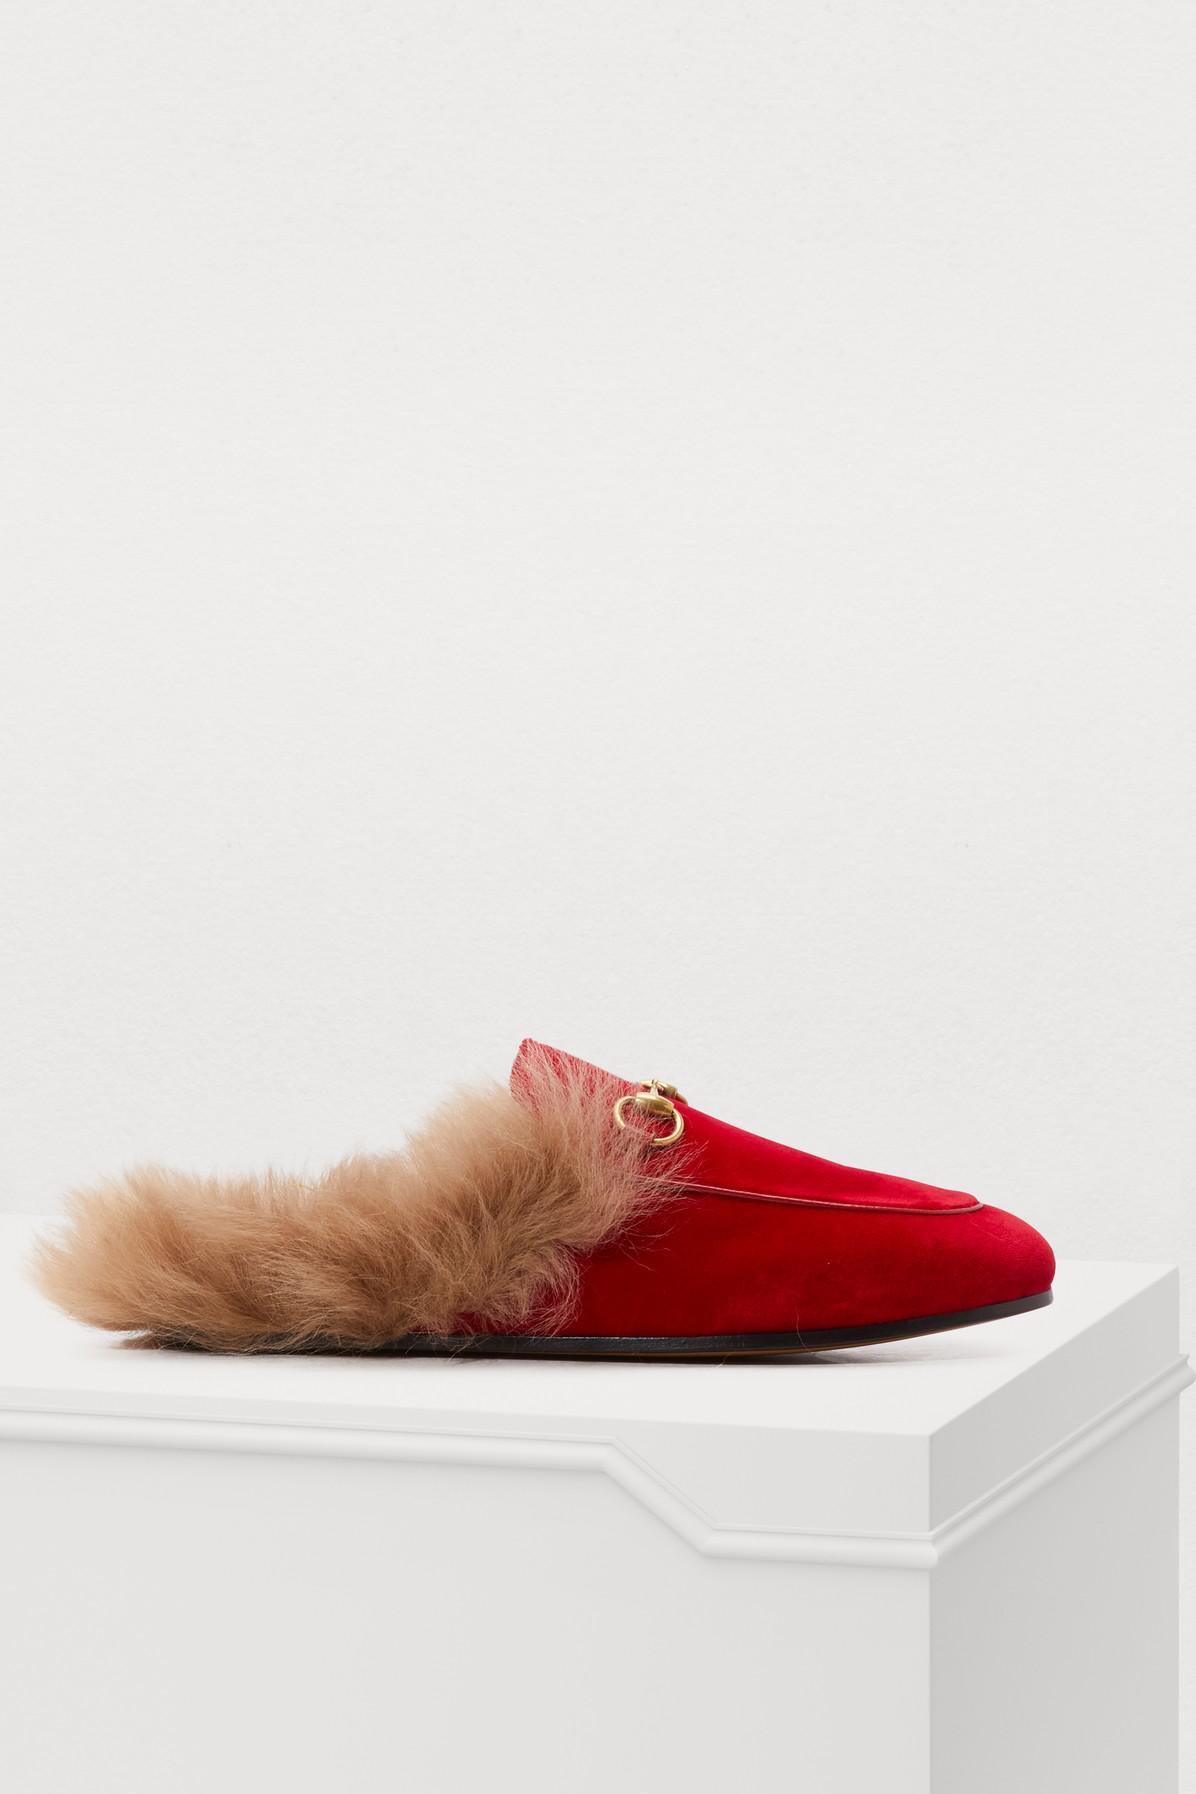 02b11a7ac1e Gucci Princetown Velvet Slipper In Red